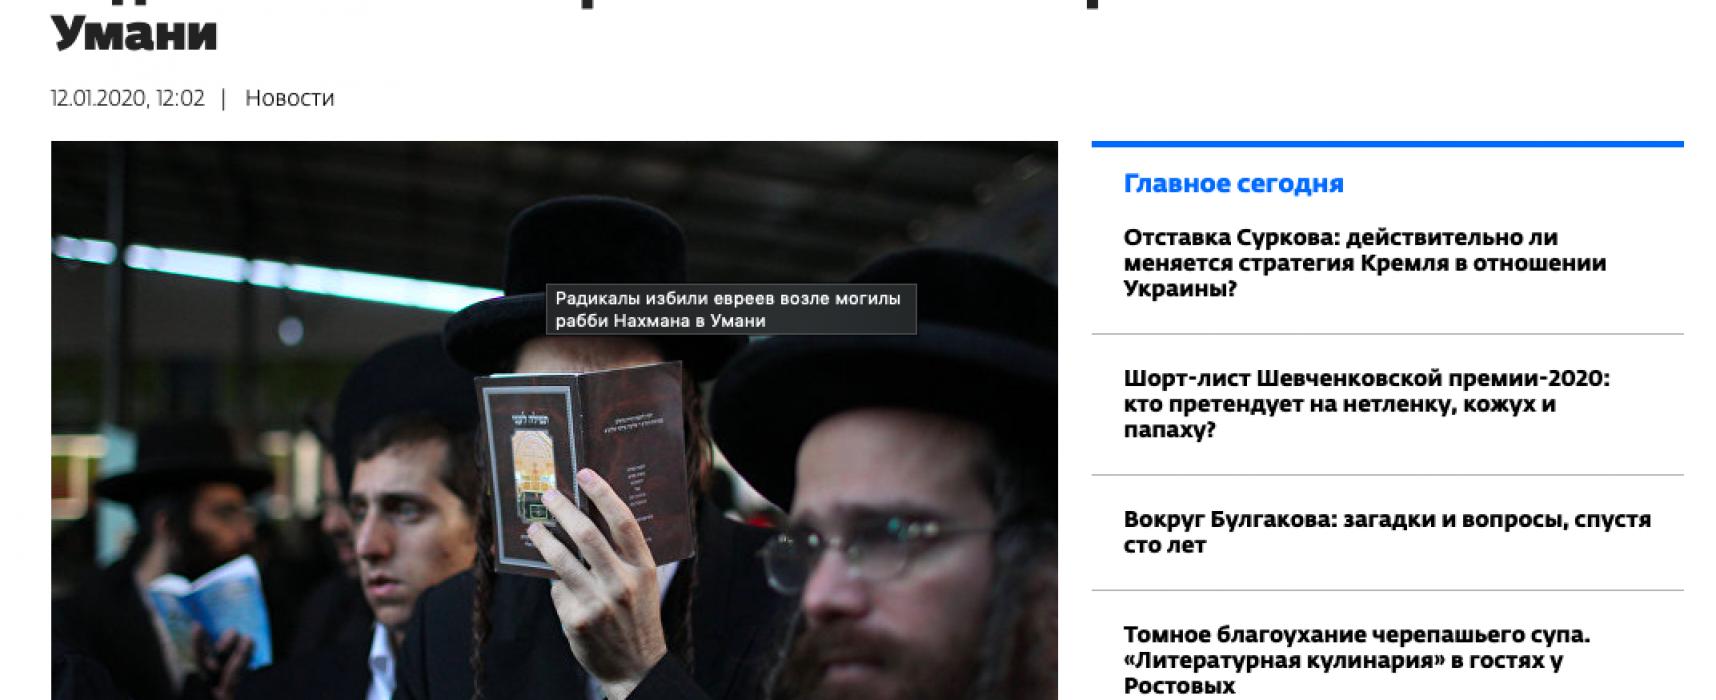 Fake: Zügelloser Antisemitismus in der Ukraine; Radikale verprügeln massenhaft Juden